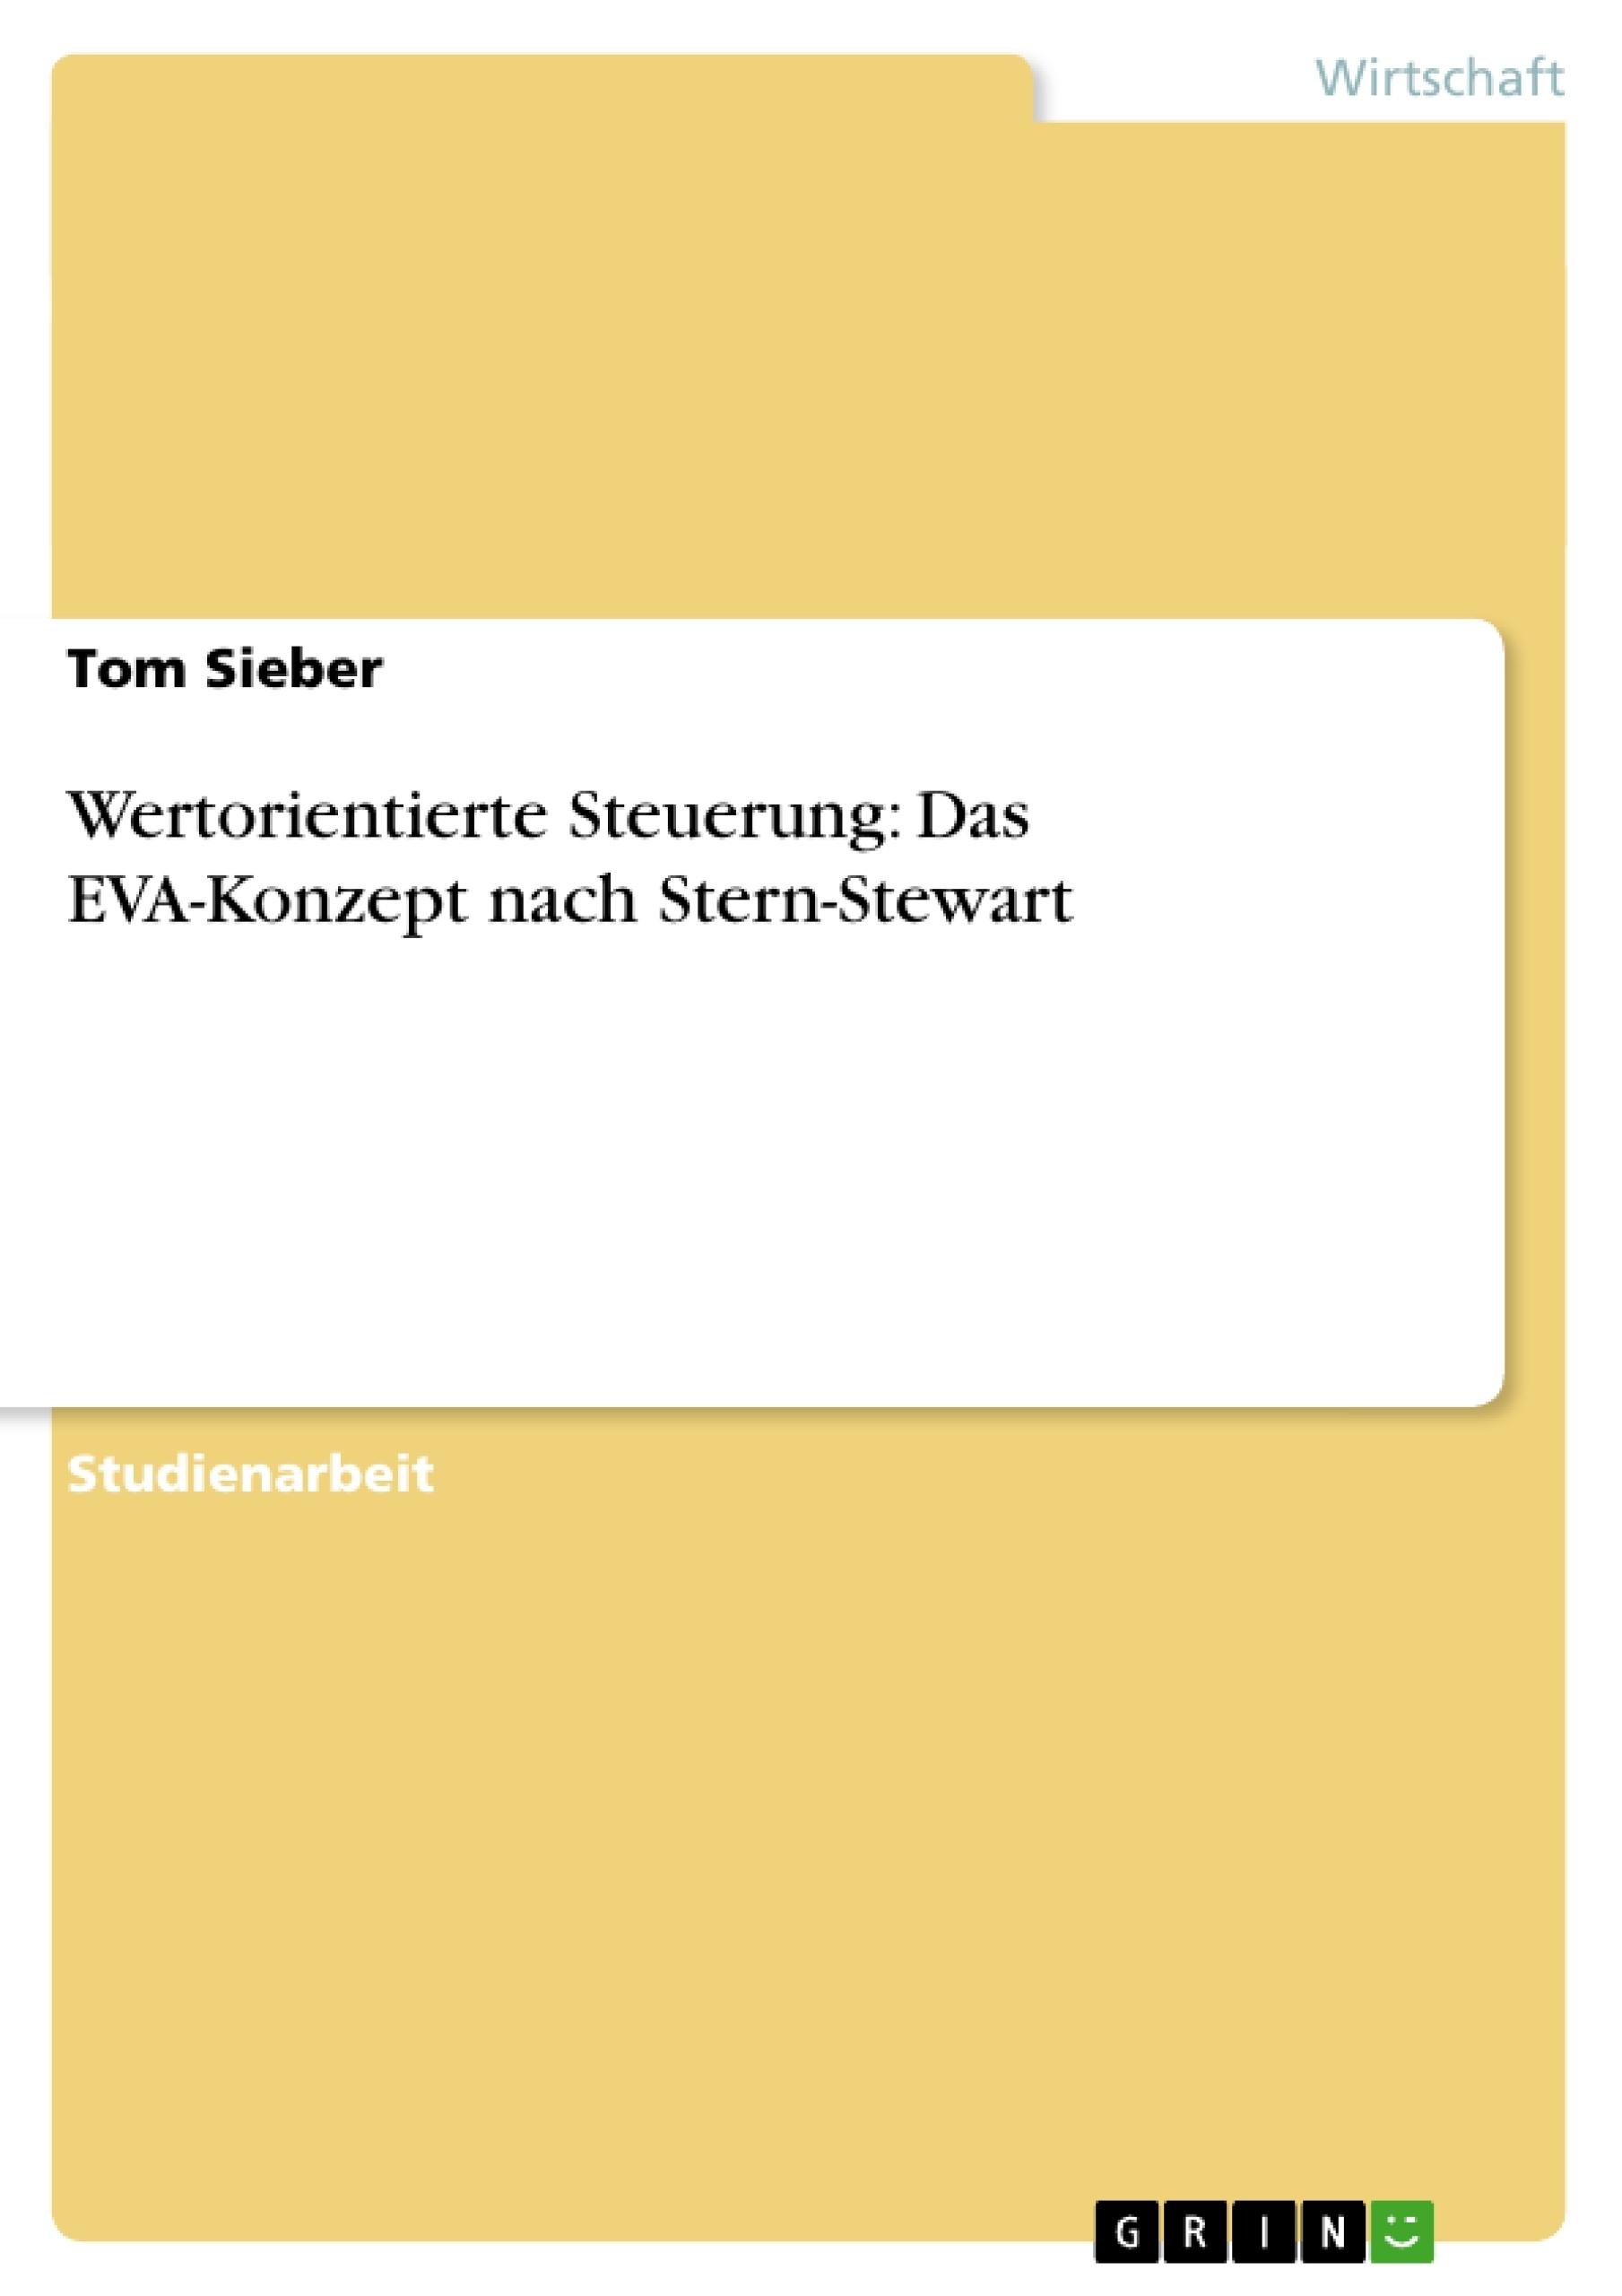 Titel: Wertorientierte Steuerung. Das EVA-Konzept nach Stern-Stewart